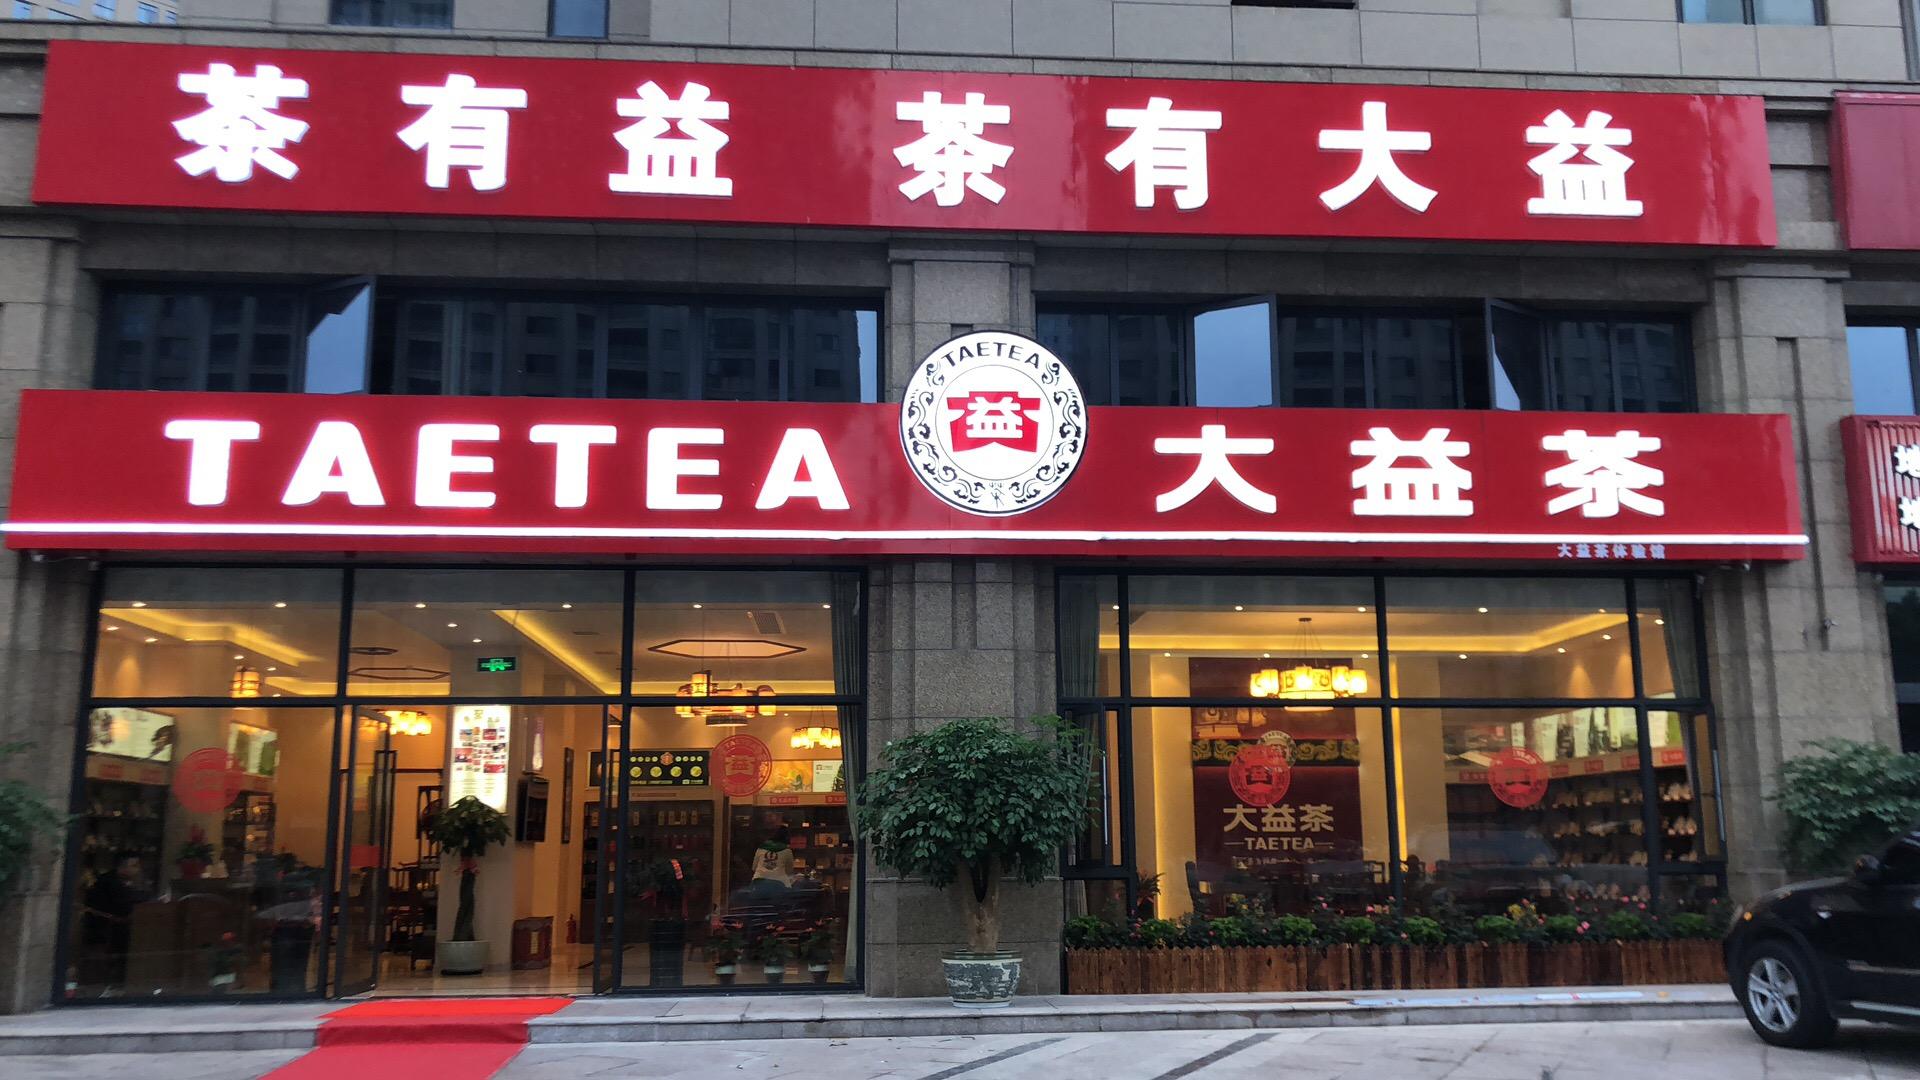 亨泰茶叶公司